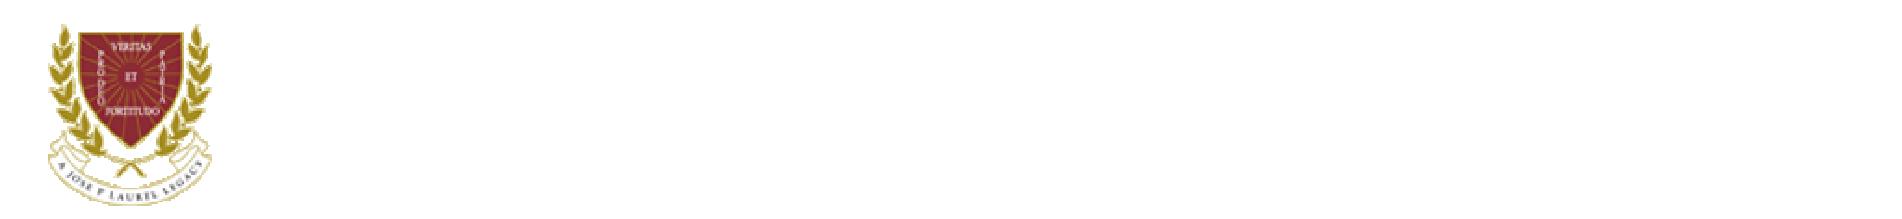 Logo-White-03